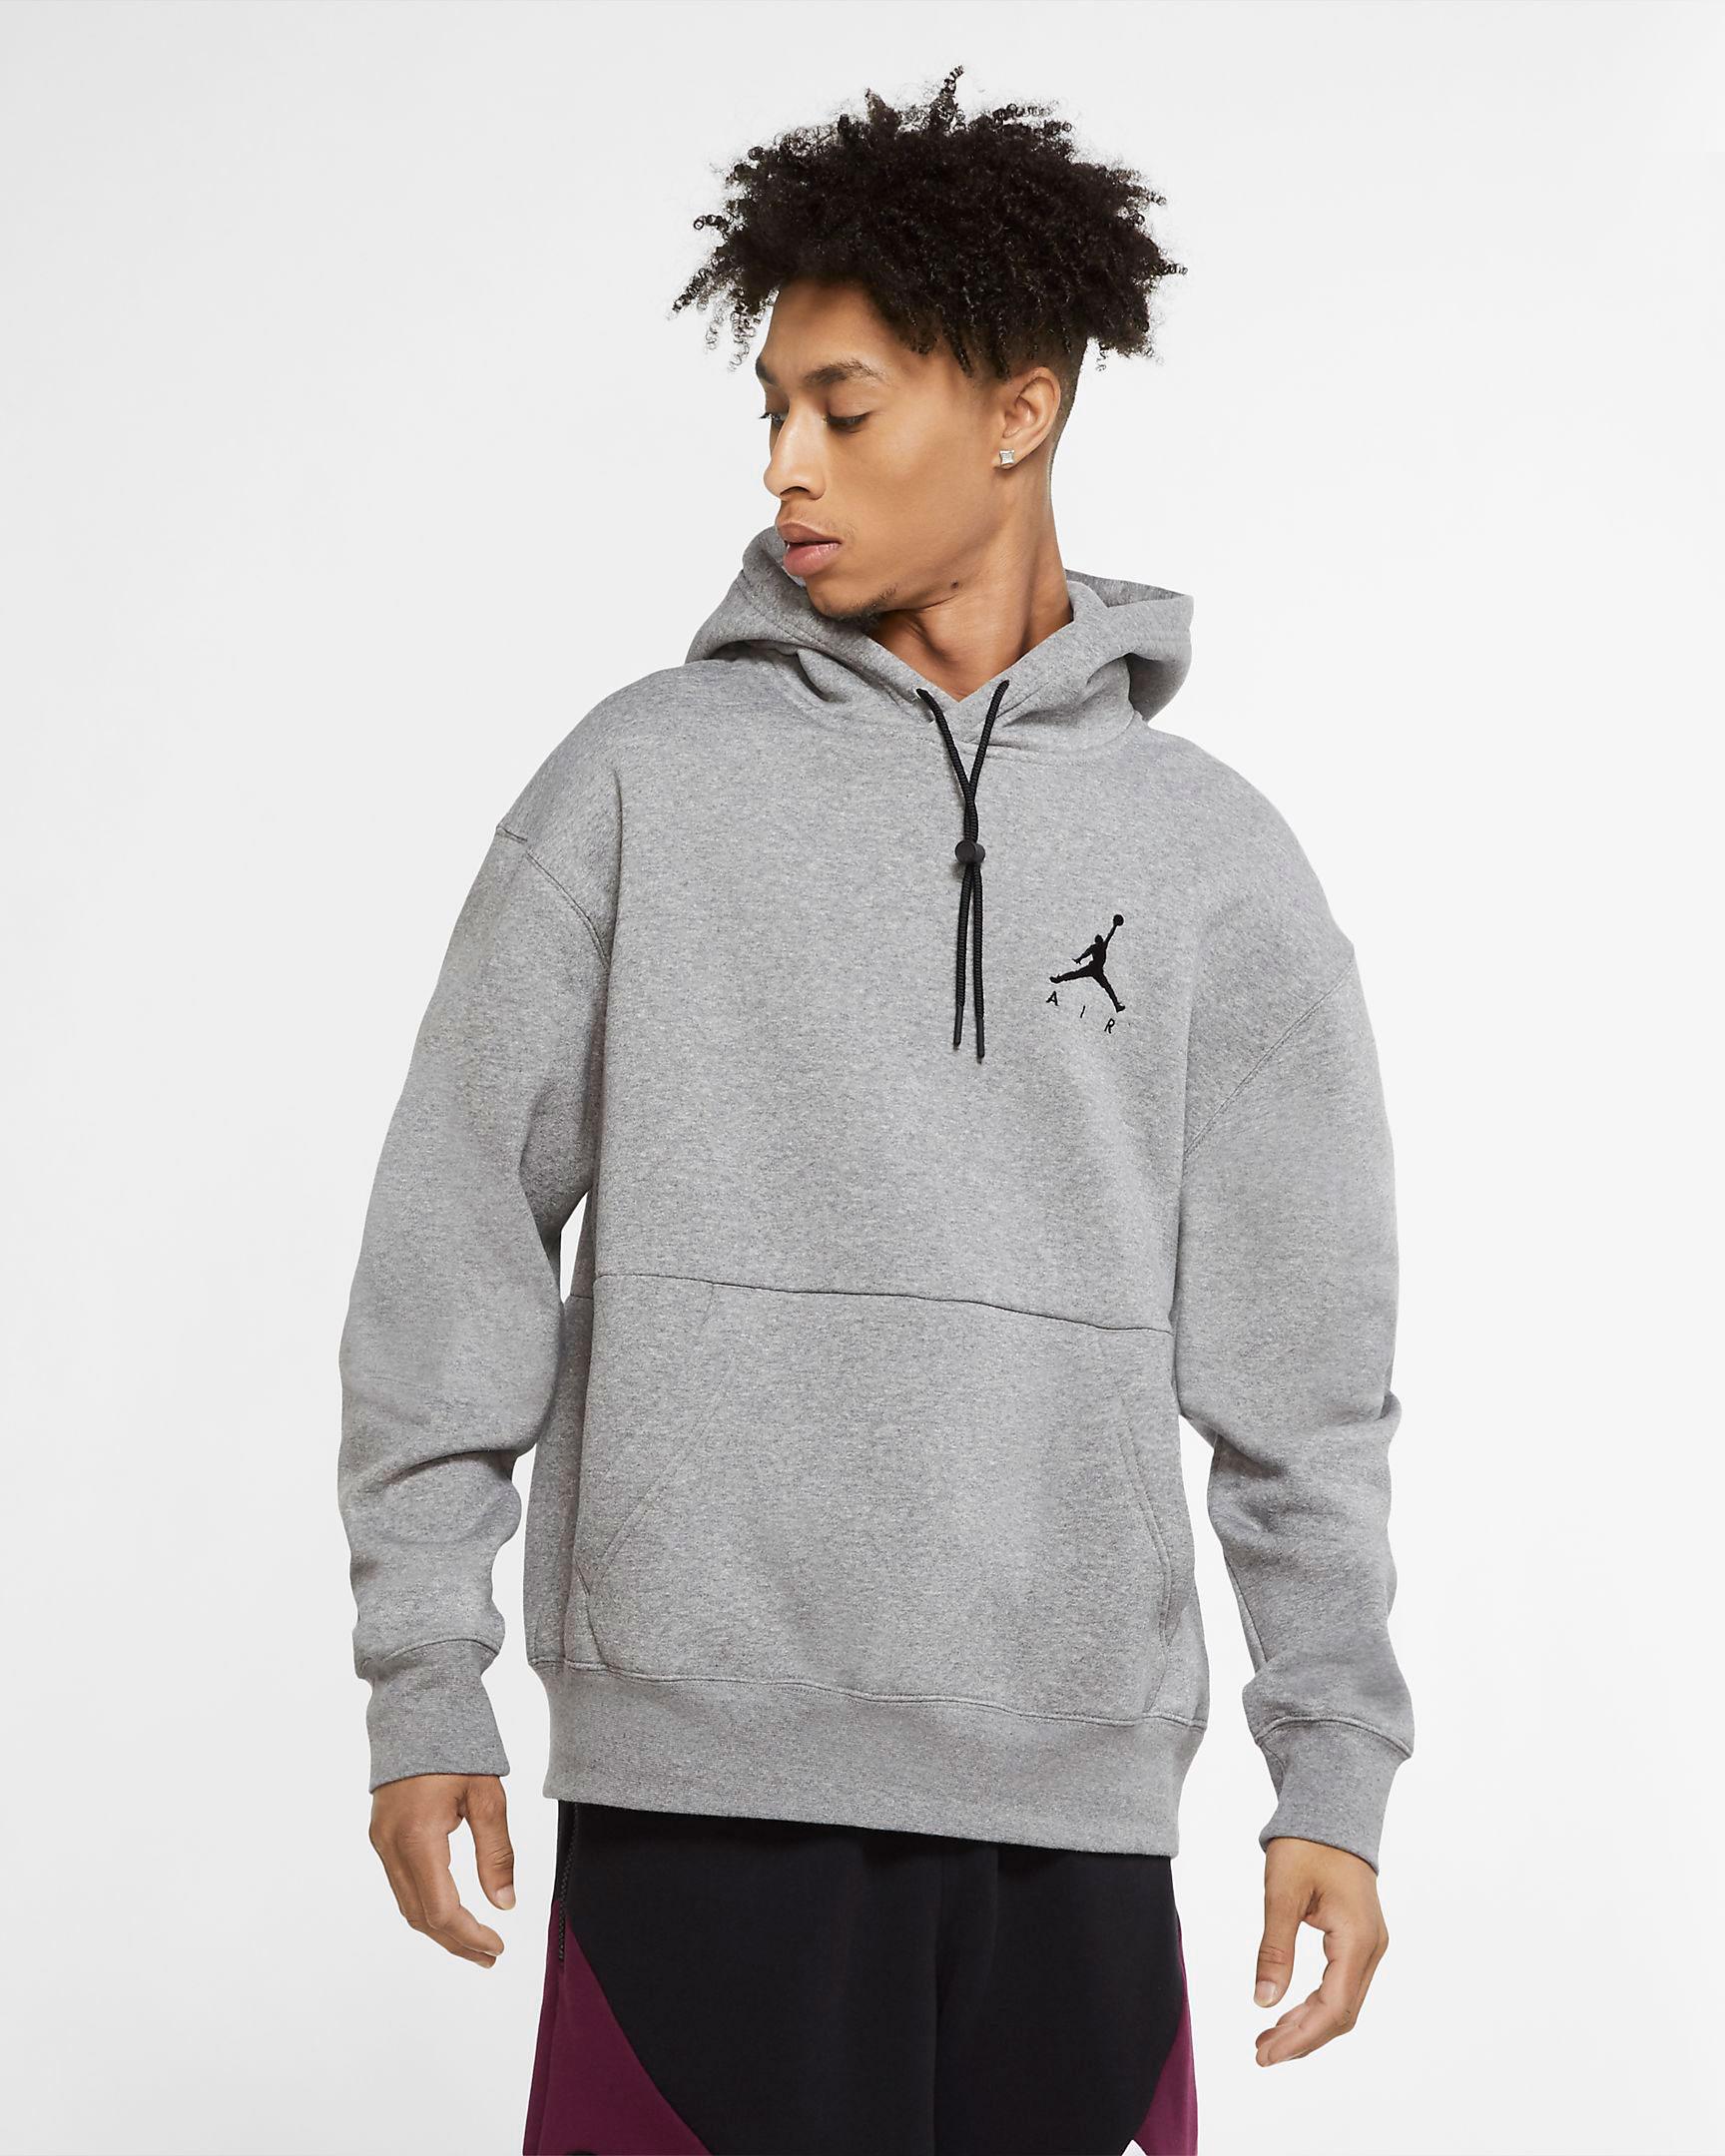 jordan-jumpman-air-hoodie-grey-hoodie